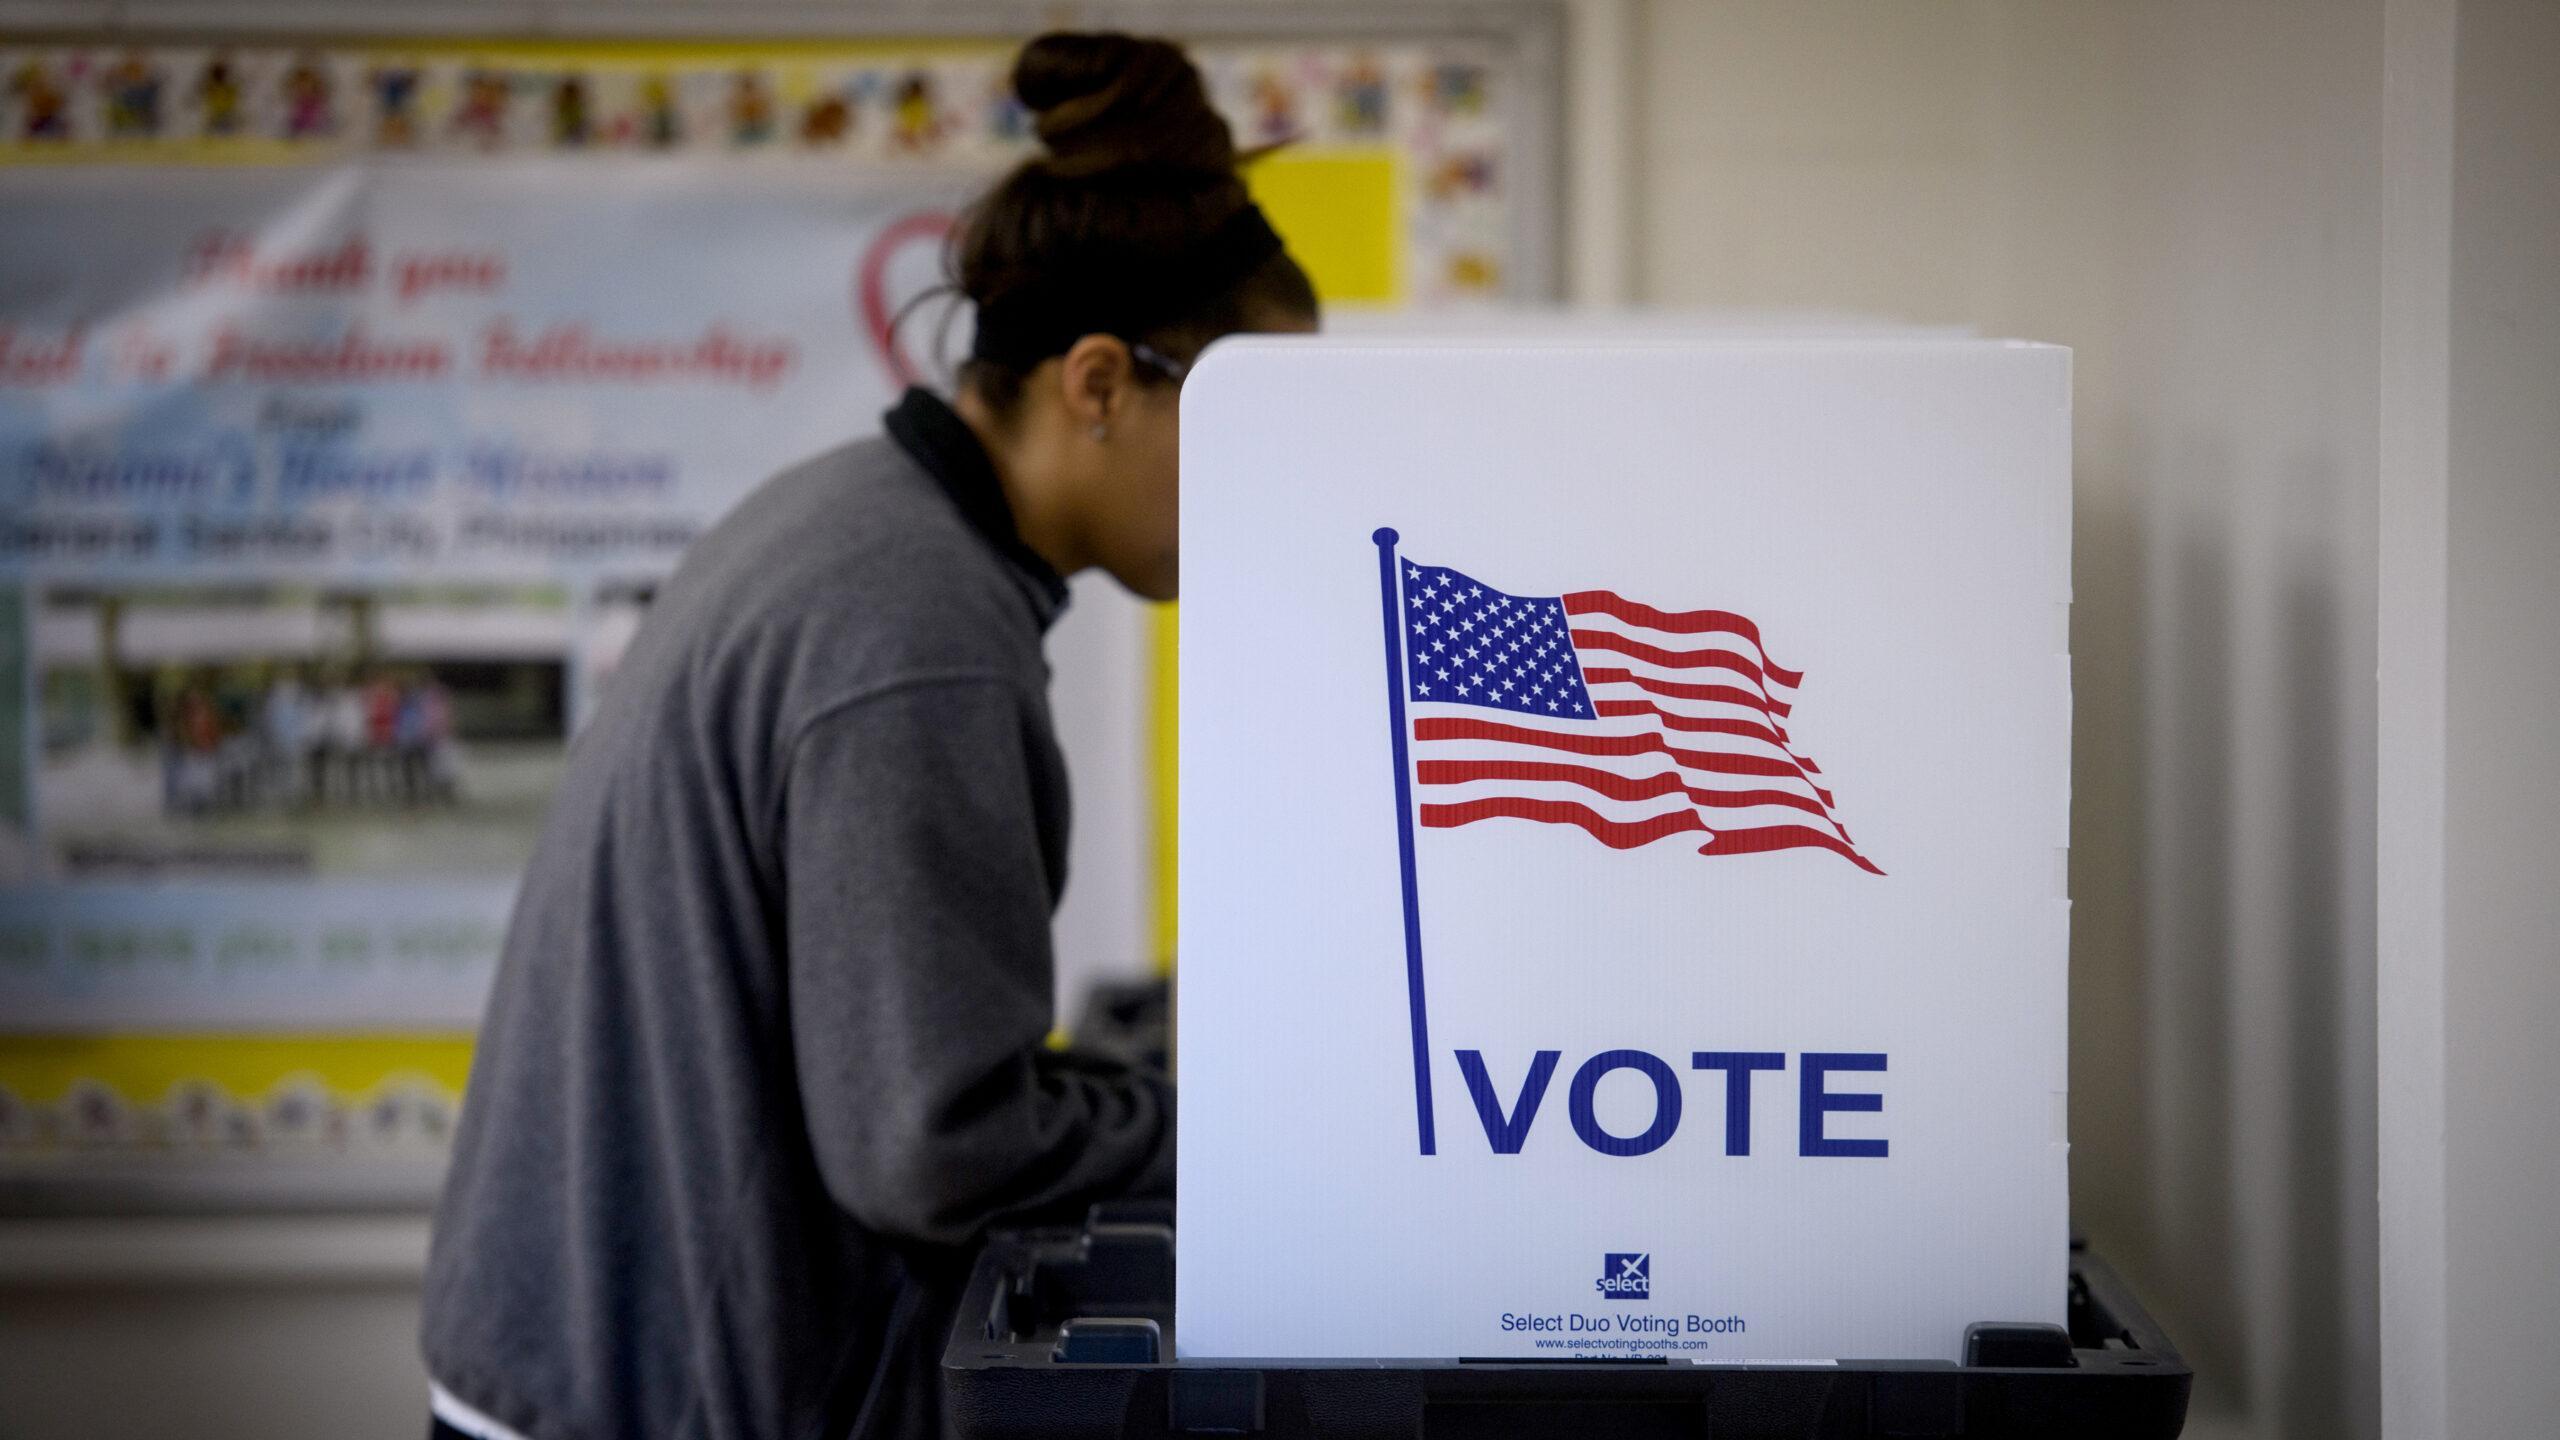 garota votando - saiba quantos delegados tem cada estado nos eua eleições 2020